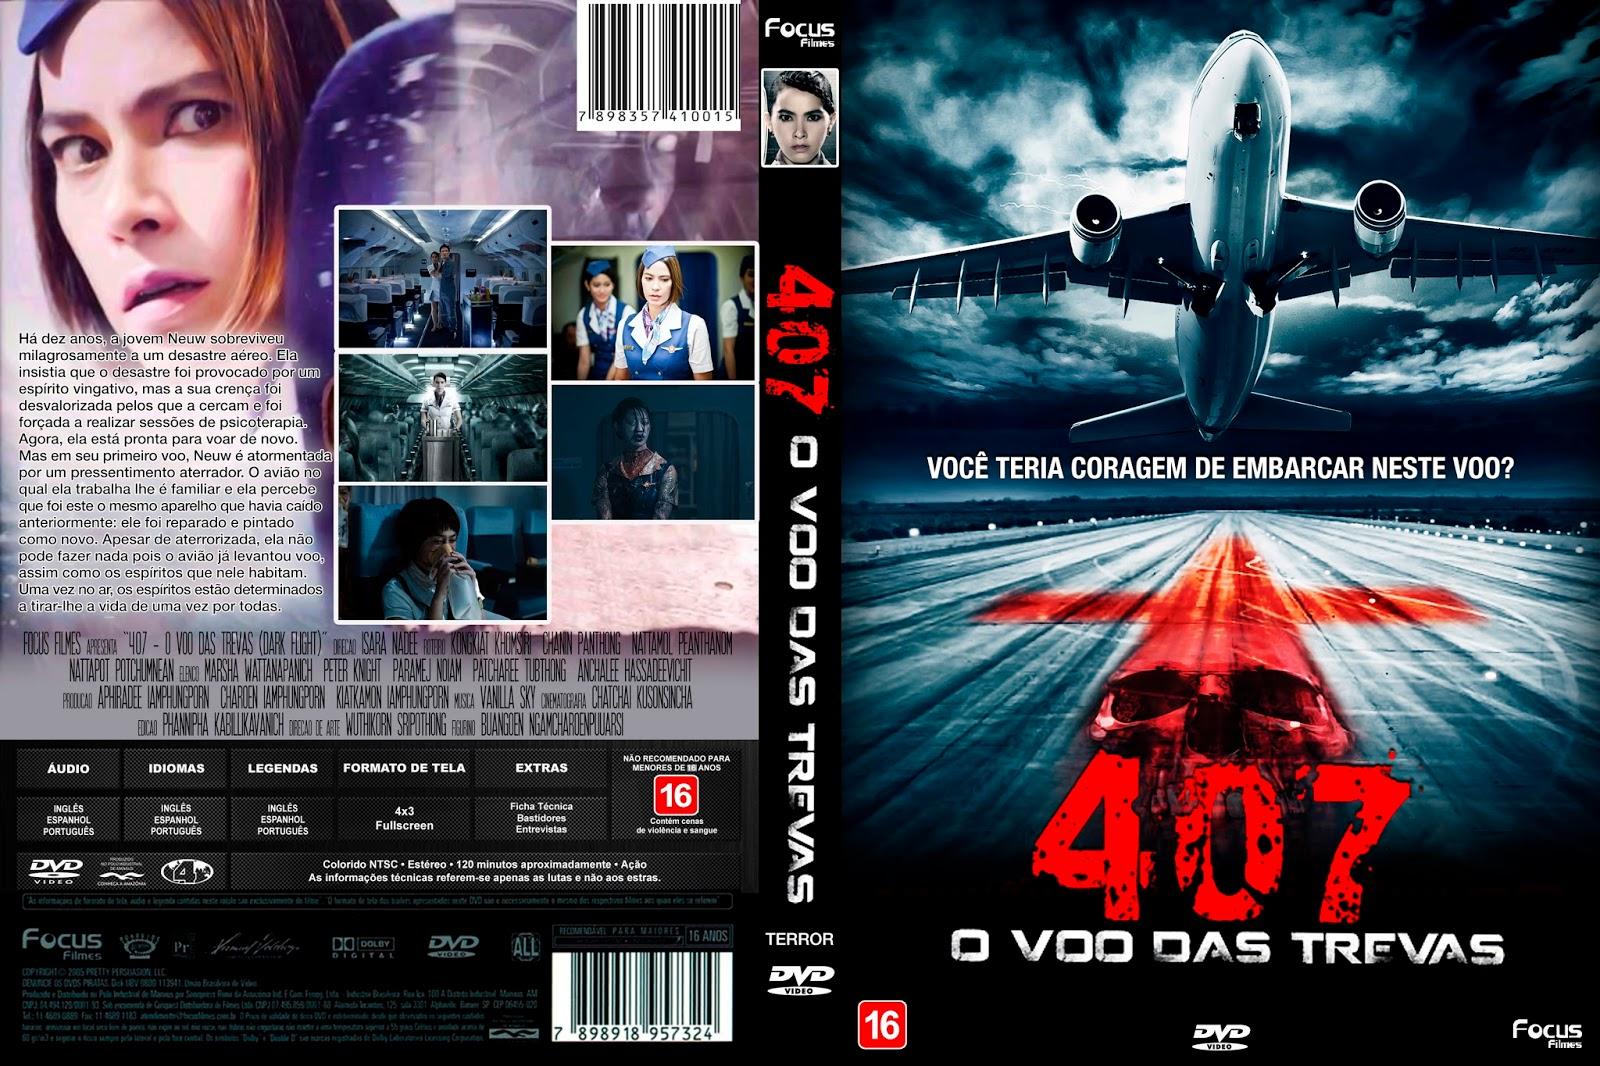 Download 407 O Vôo Das Trevas BDRip XviD Dual Áudio 407 2BO 2BVoo 2Bdas 2BTrevas